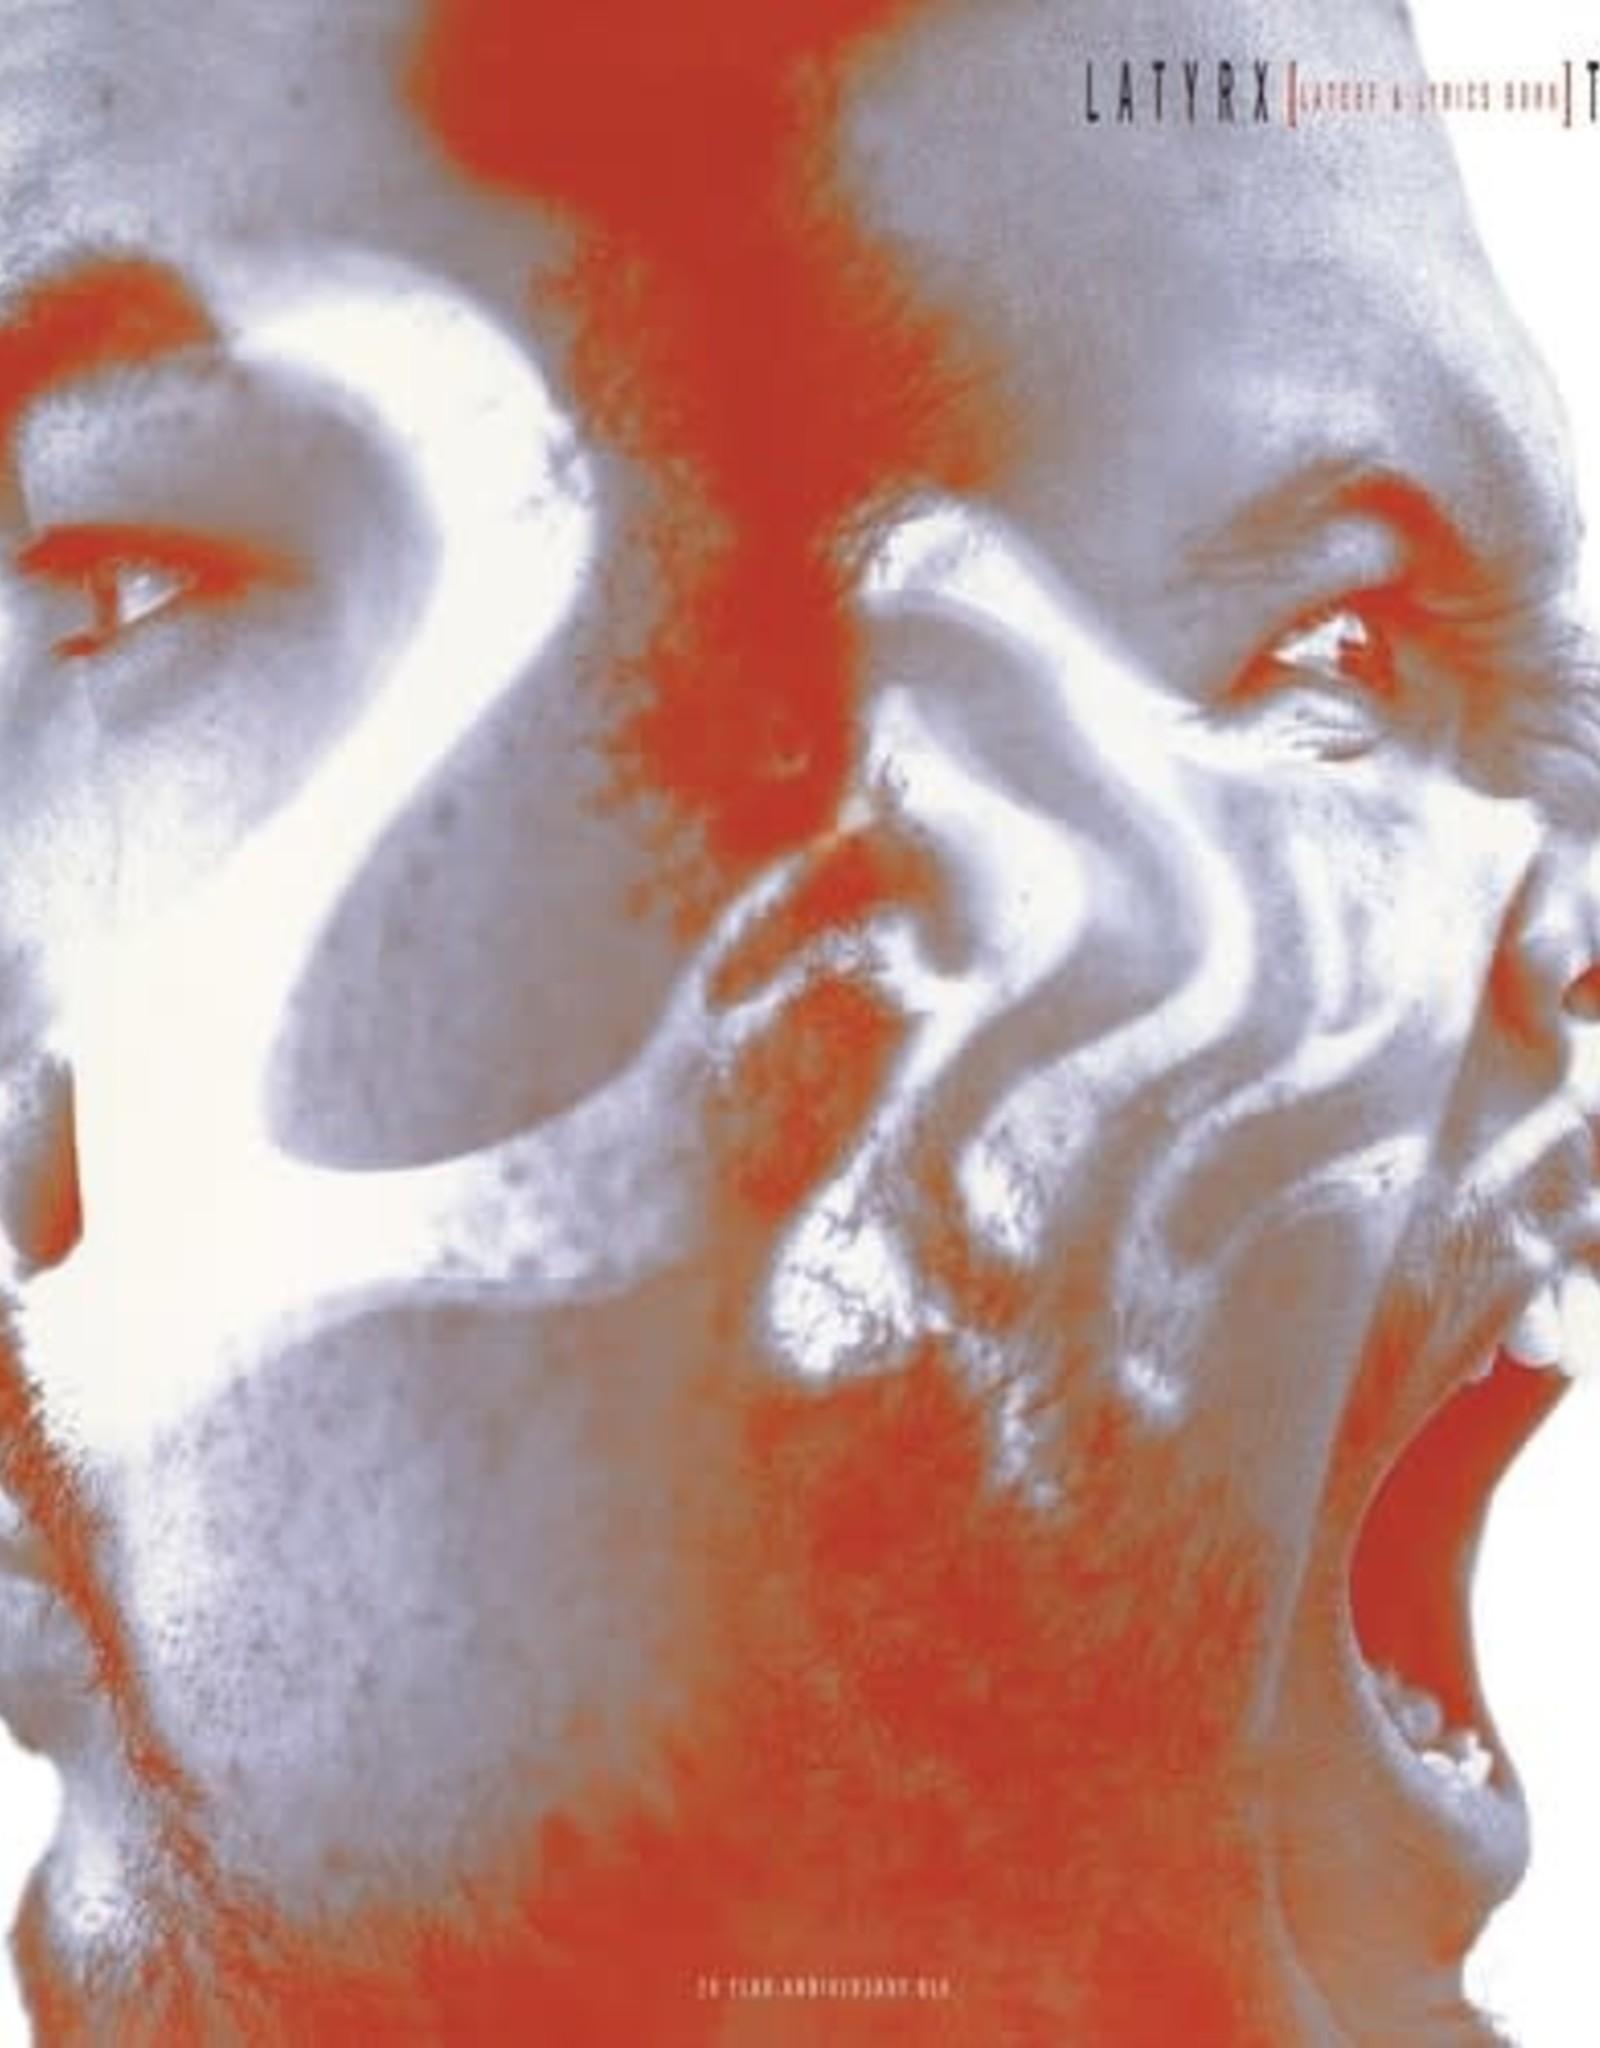 Latryx - The Album - 20th Anniversary (Deluxe Edition)